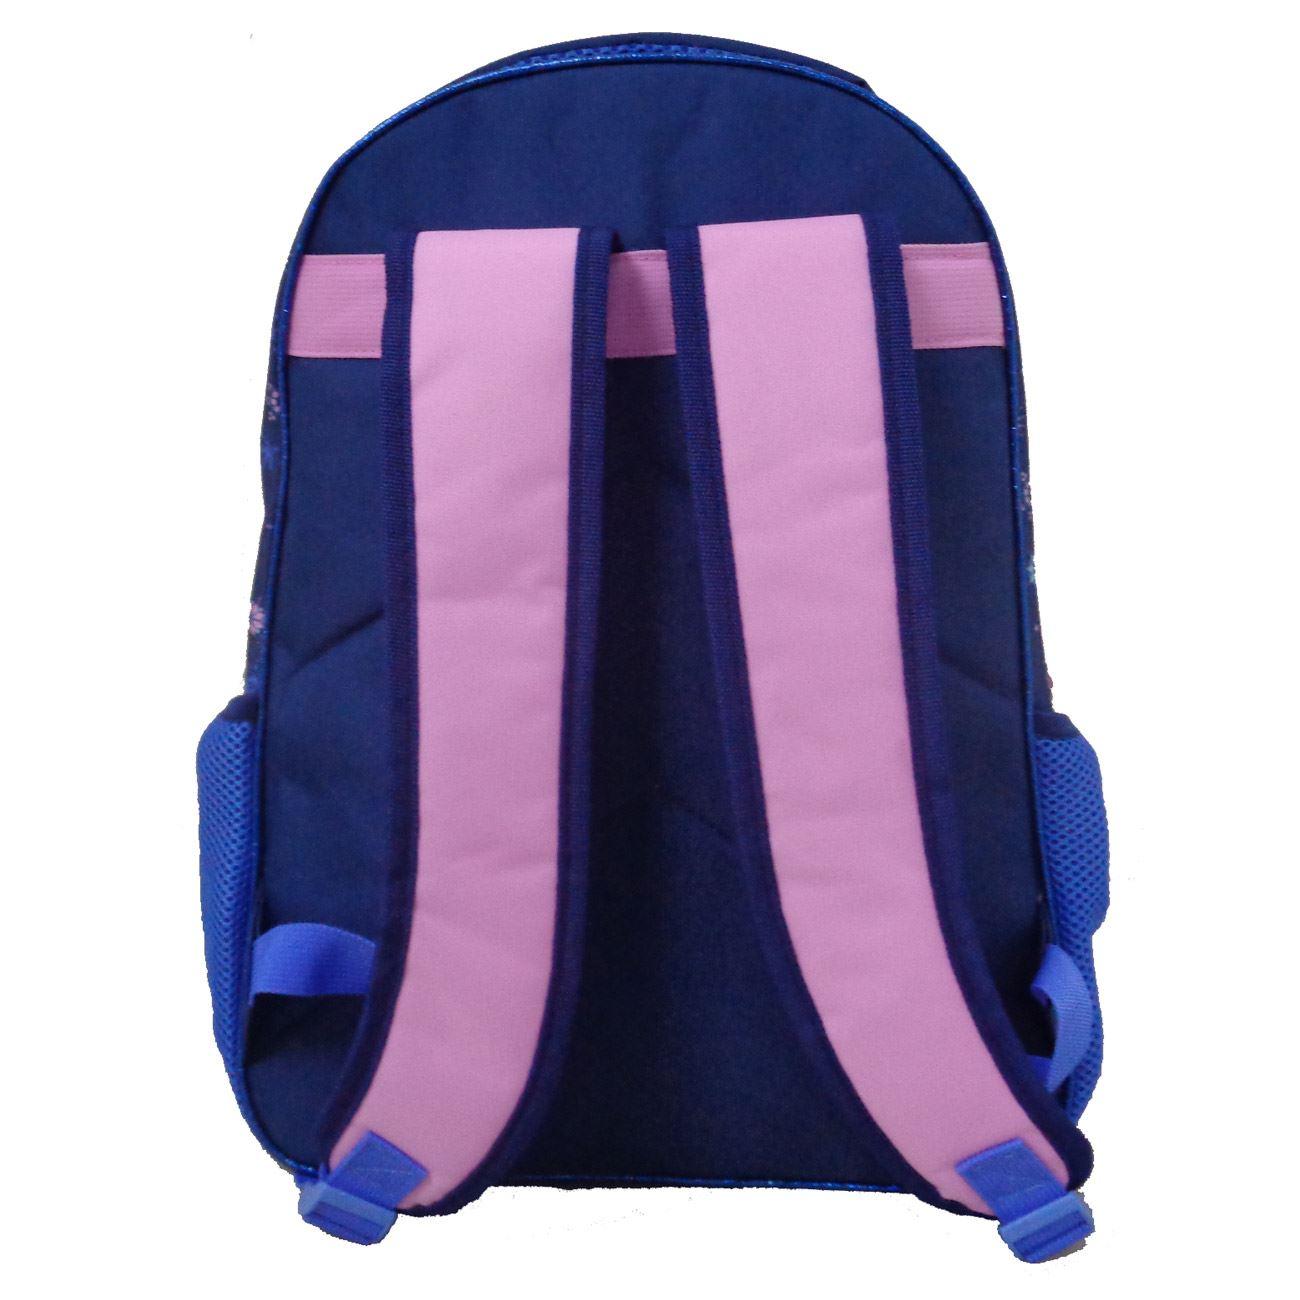 Σχολική Τσάντα Δημοτικού FROZEN   Τσάντες Δημοτικού για Κορίτσια  6b09e9e457b